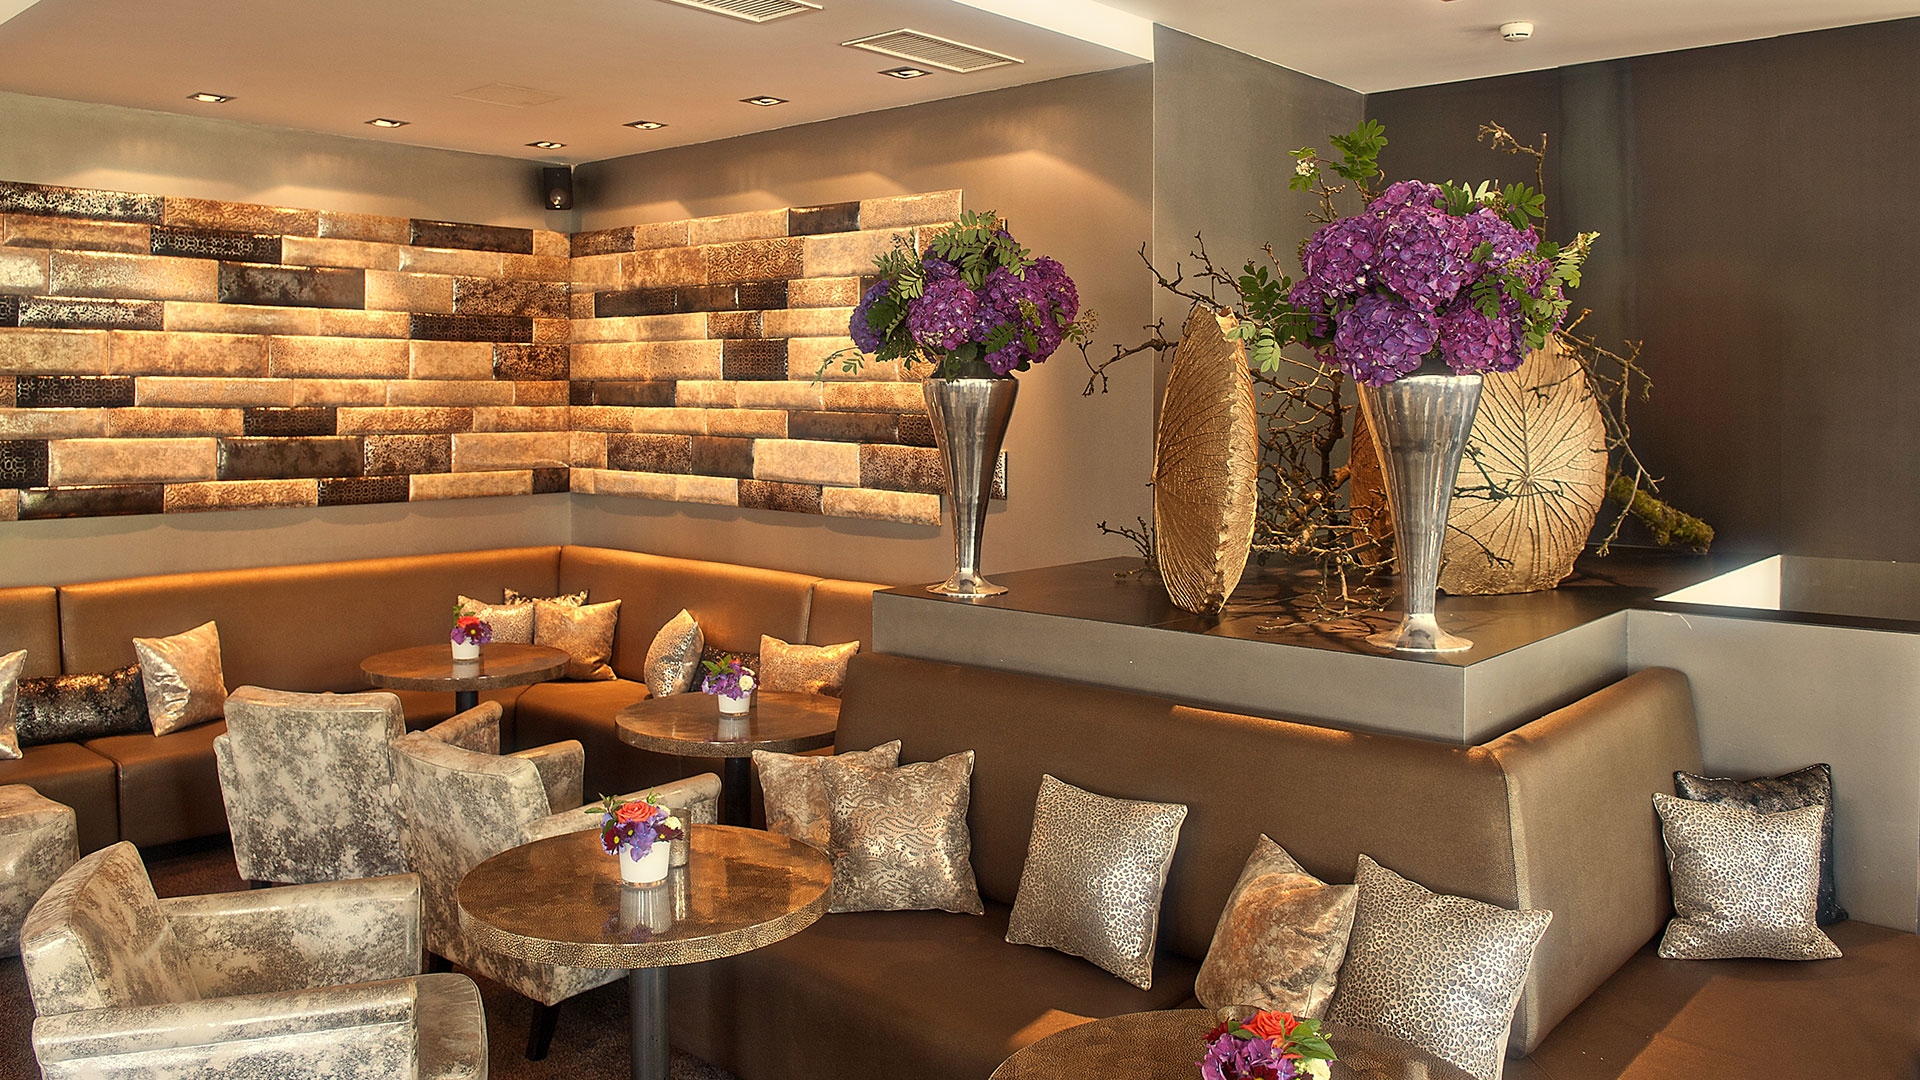 Bar & Smokers' Lounge